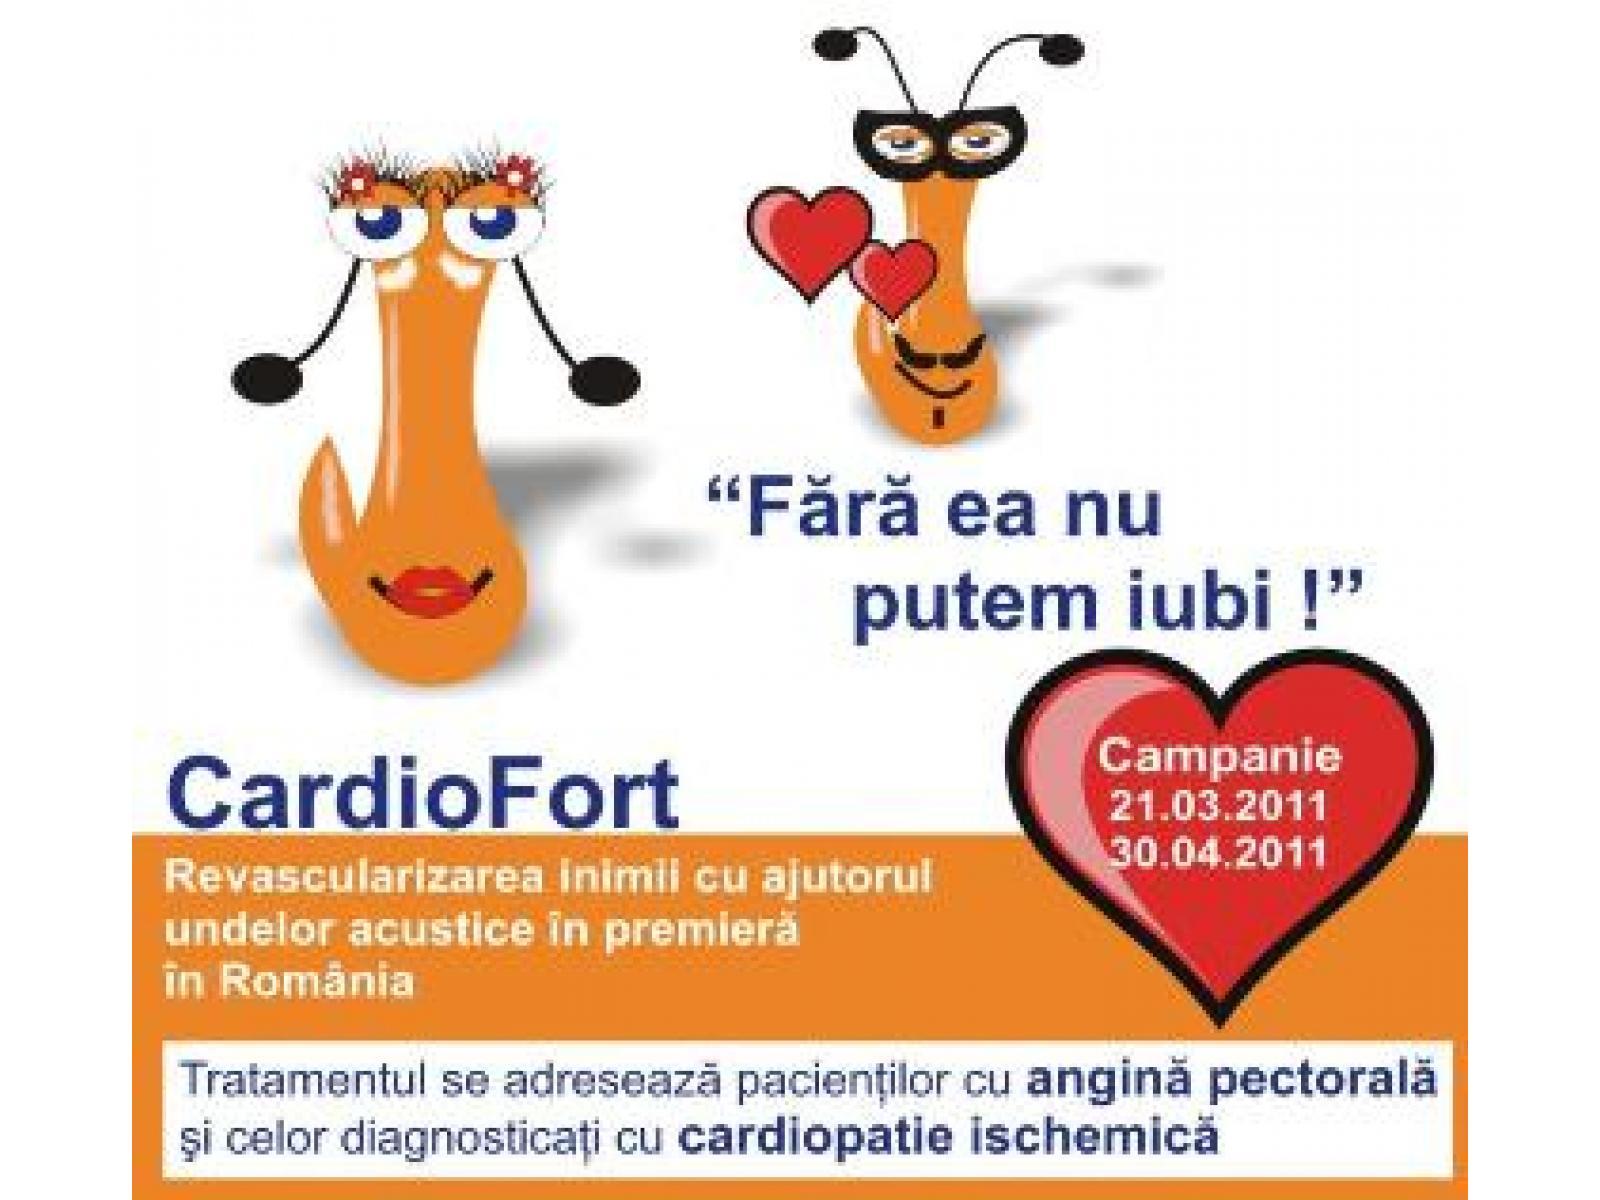 Gral Medical Bucuresti - CardioFort_(m).jpg